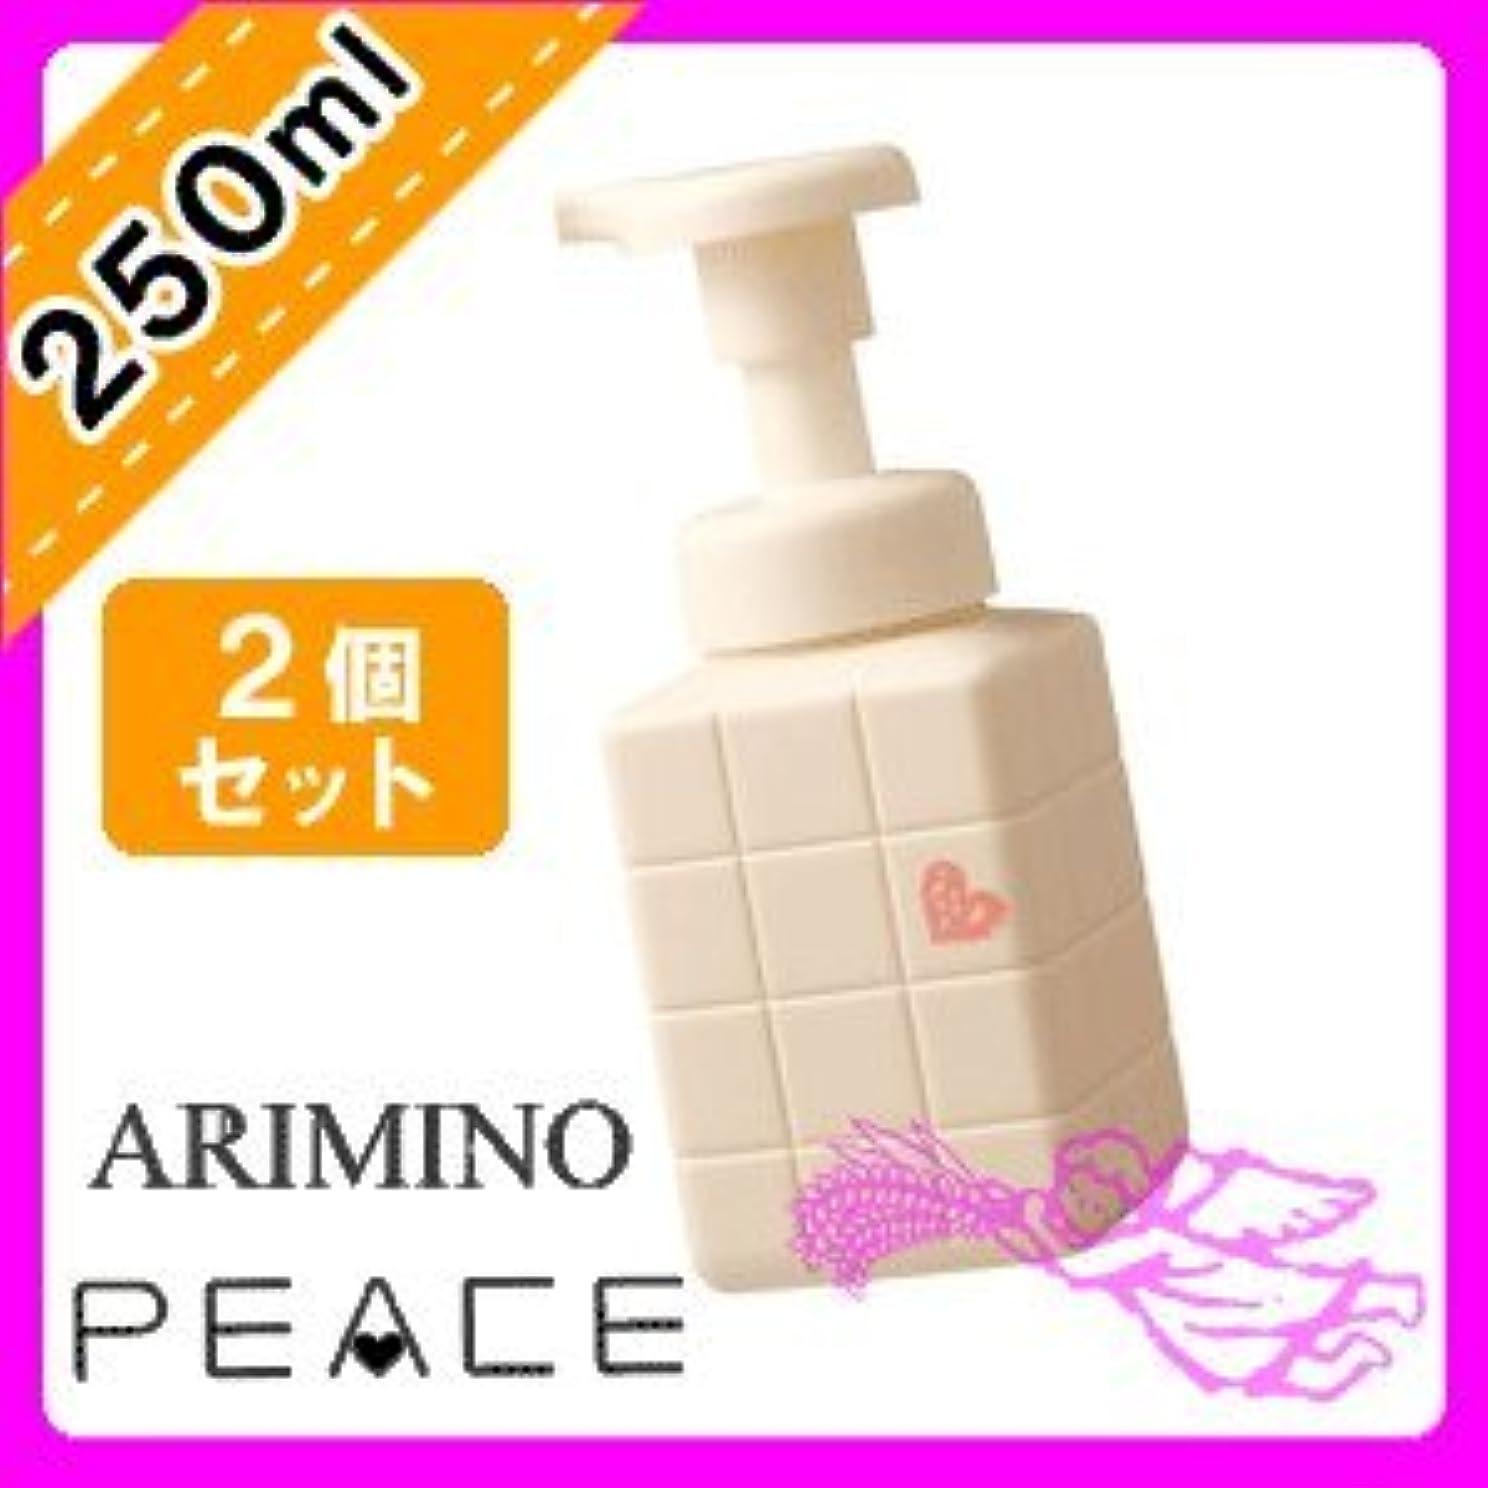 帝国主義リマ意気揚々アリミノ ピース ホイップワックス PEACE ナチュラルウェーブ ホイップ250mL ×2個 セット arimino PEACE